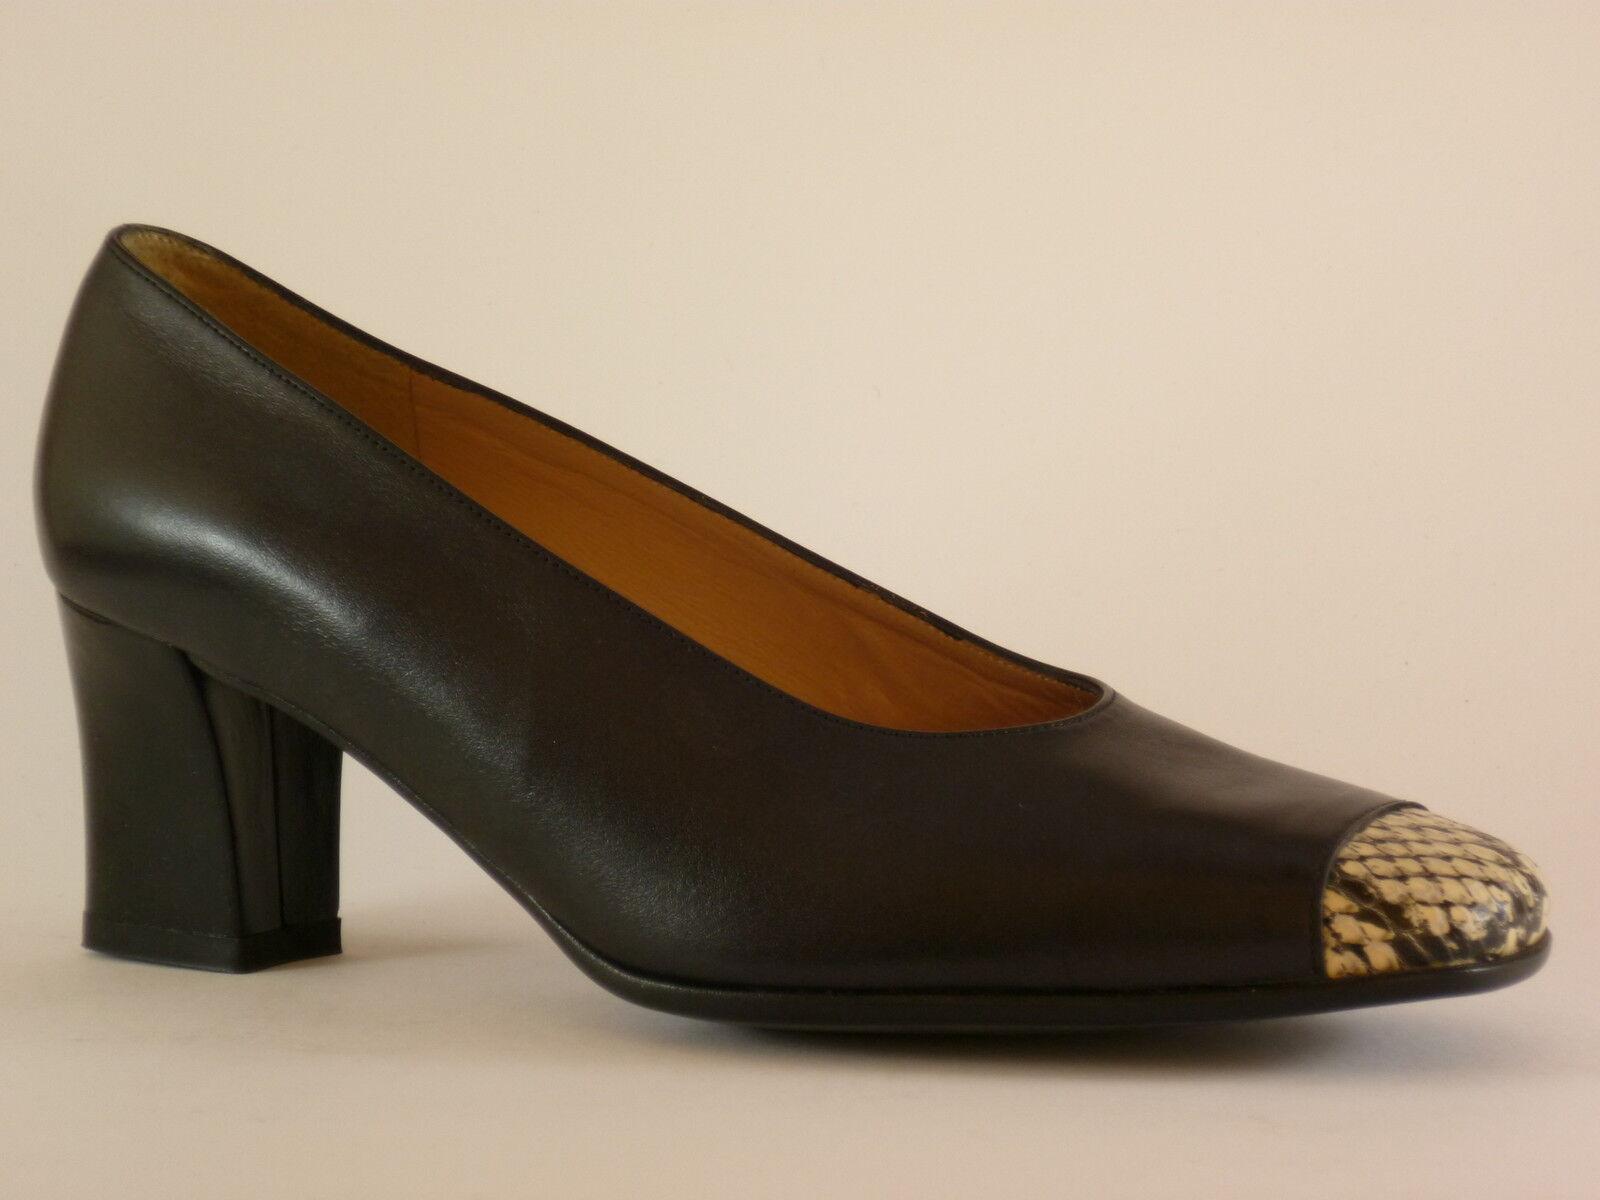 SONATE Damen Schuhe 36 Leder Schwarz   Reptile Pumps Abendschuhe NEU